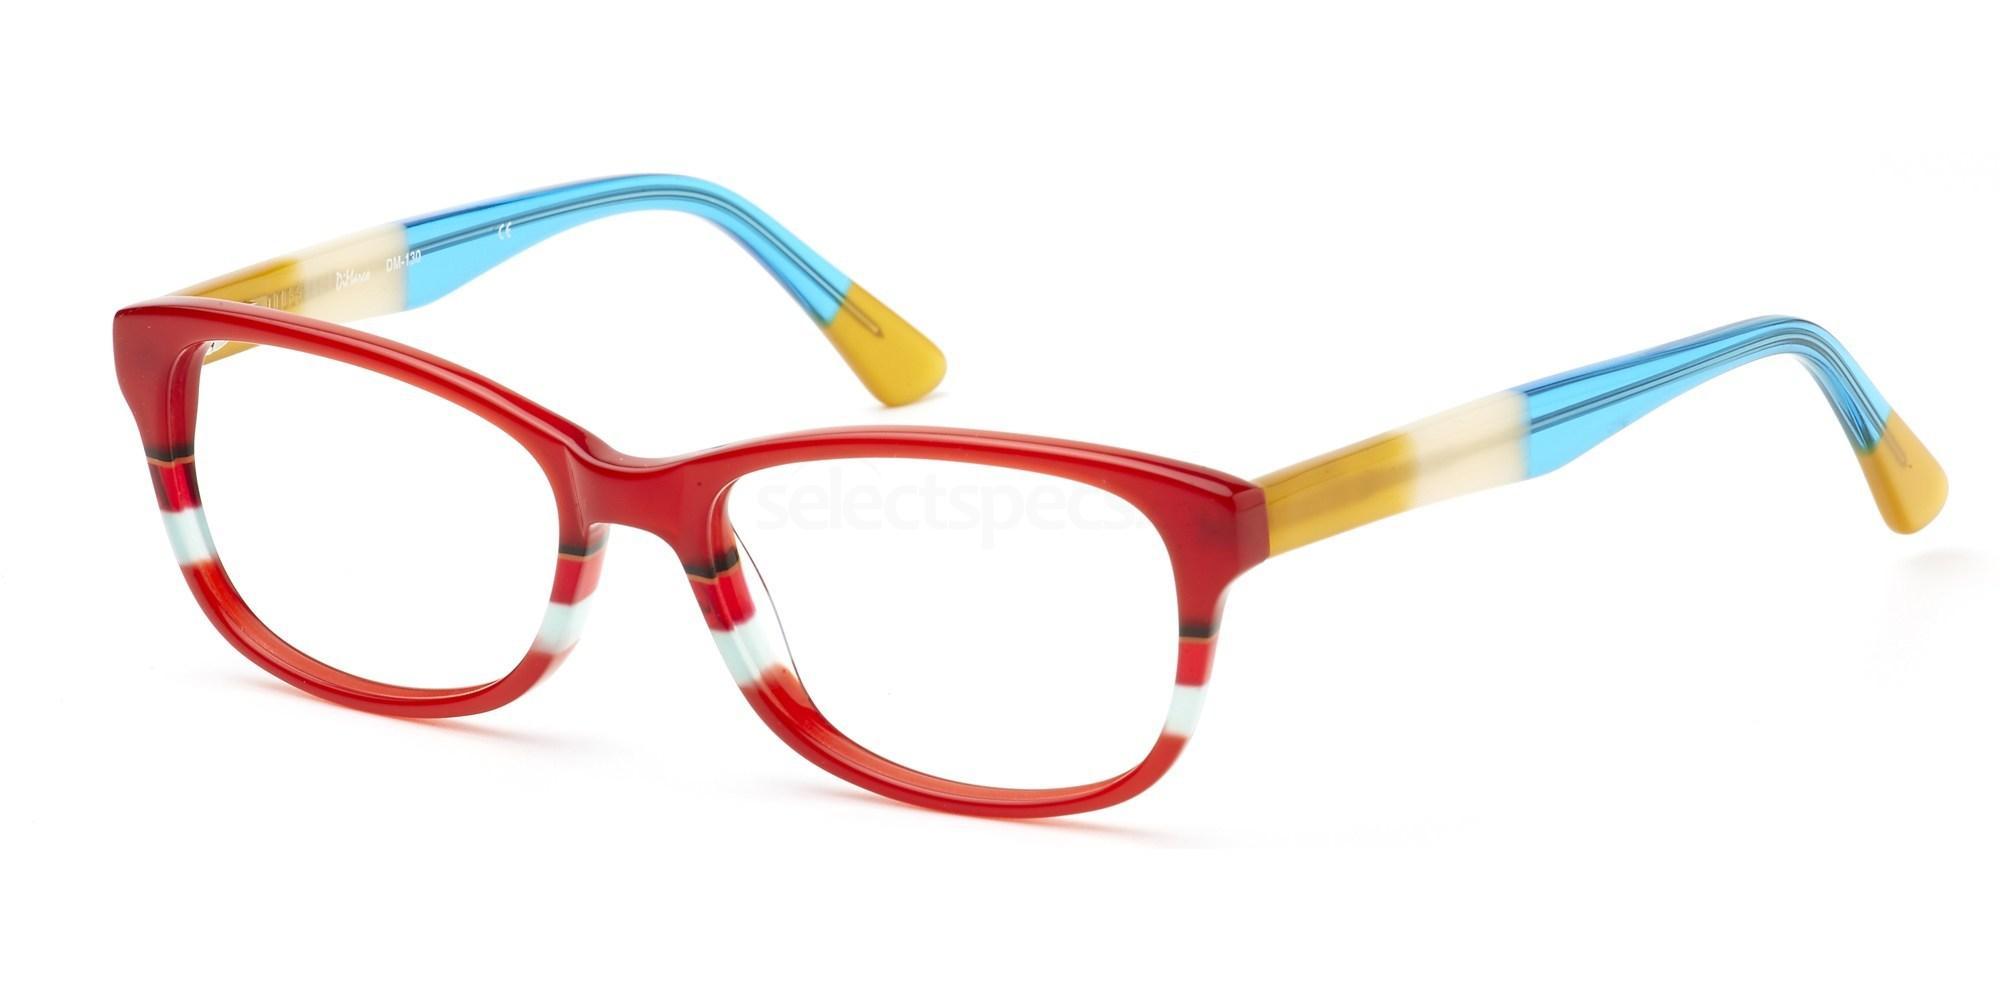 C1 DM130 Glasses, DiMarco